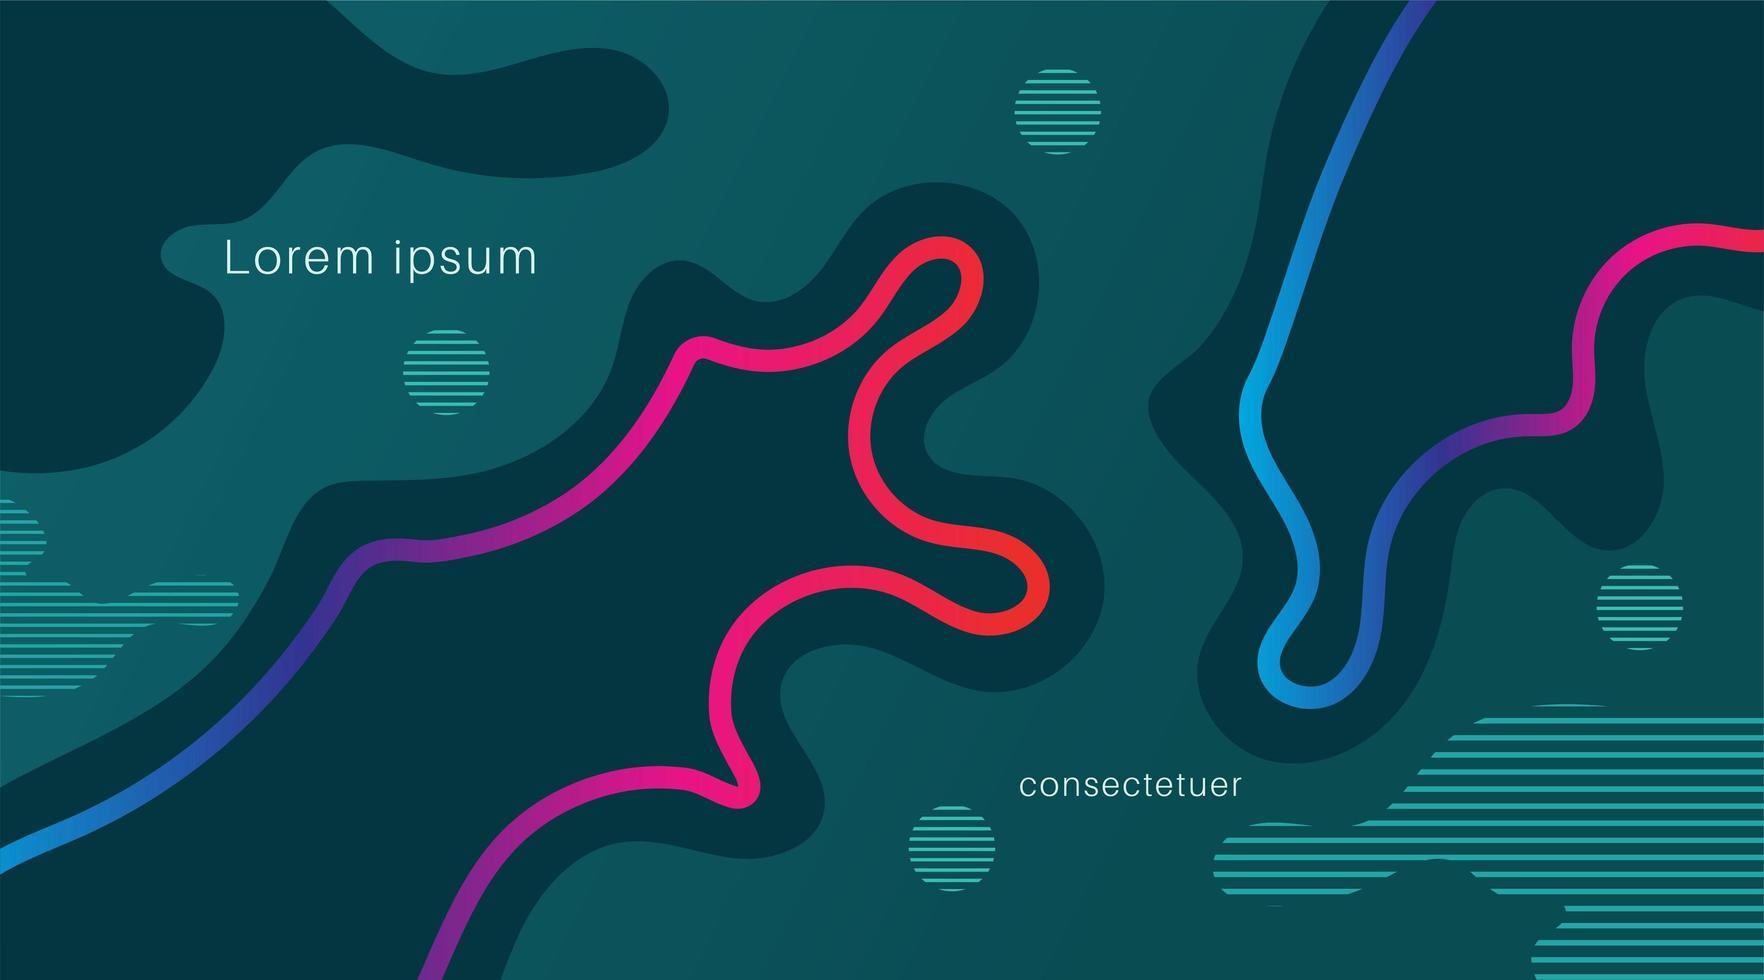 forme e onde colorate dinamiche. banner astratto sfumato con forme fluide fluenti. sfondo vettoriale